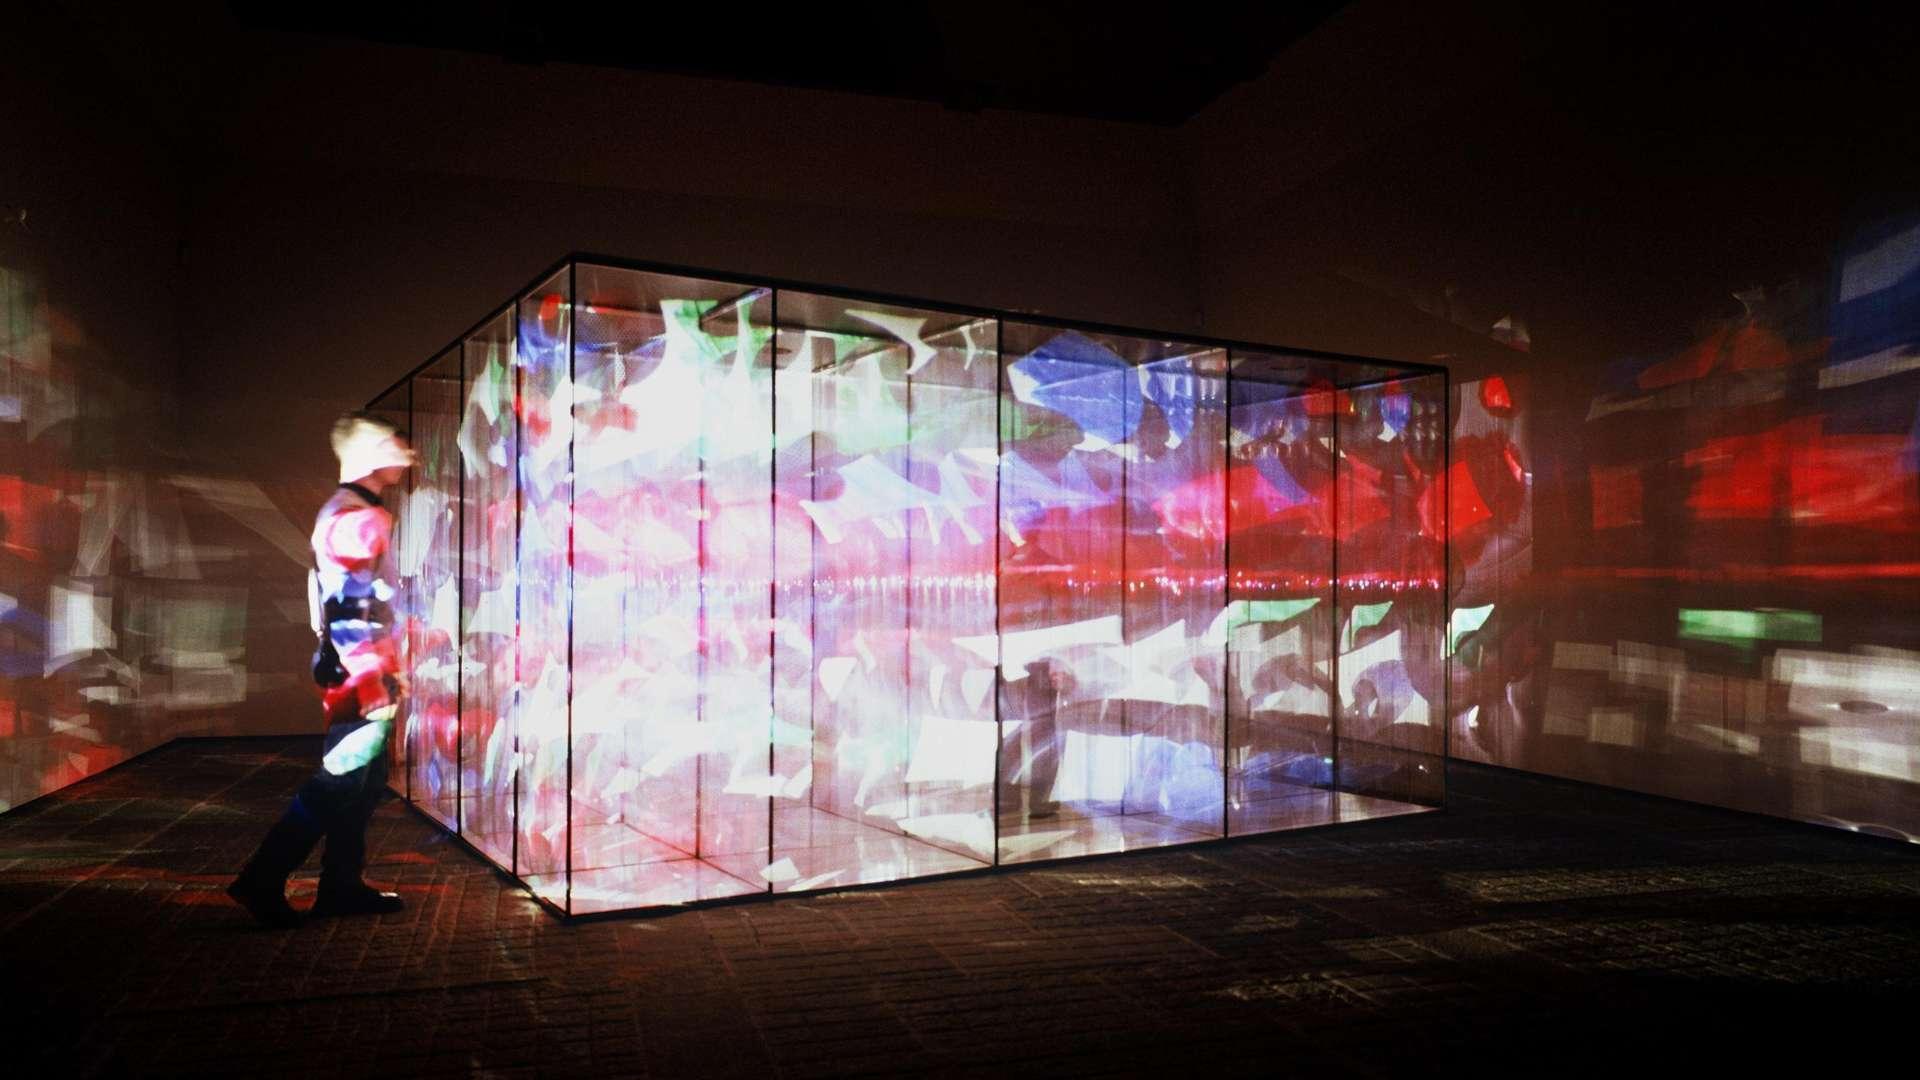 Museo Del 900 Milano.The Cinema Of Marinella Pirelli At The Museo Del Novecento The